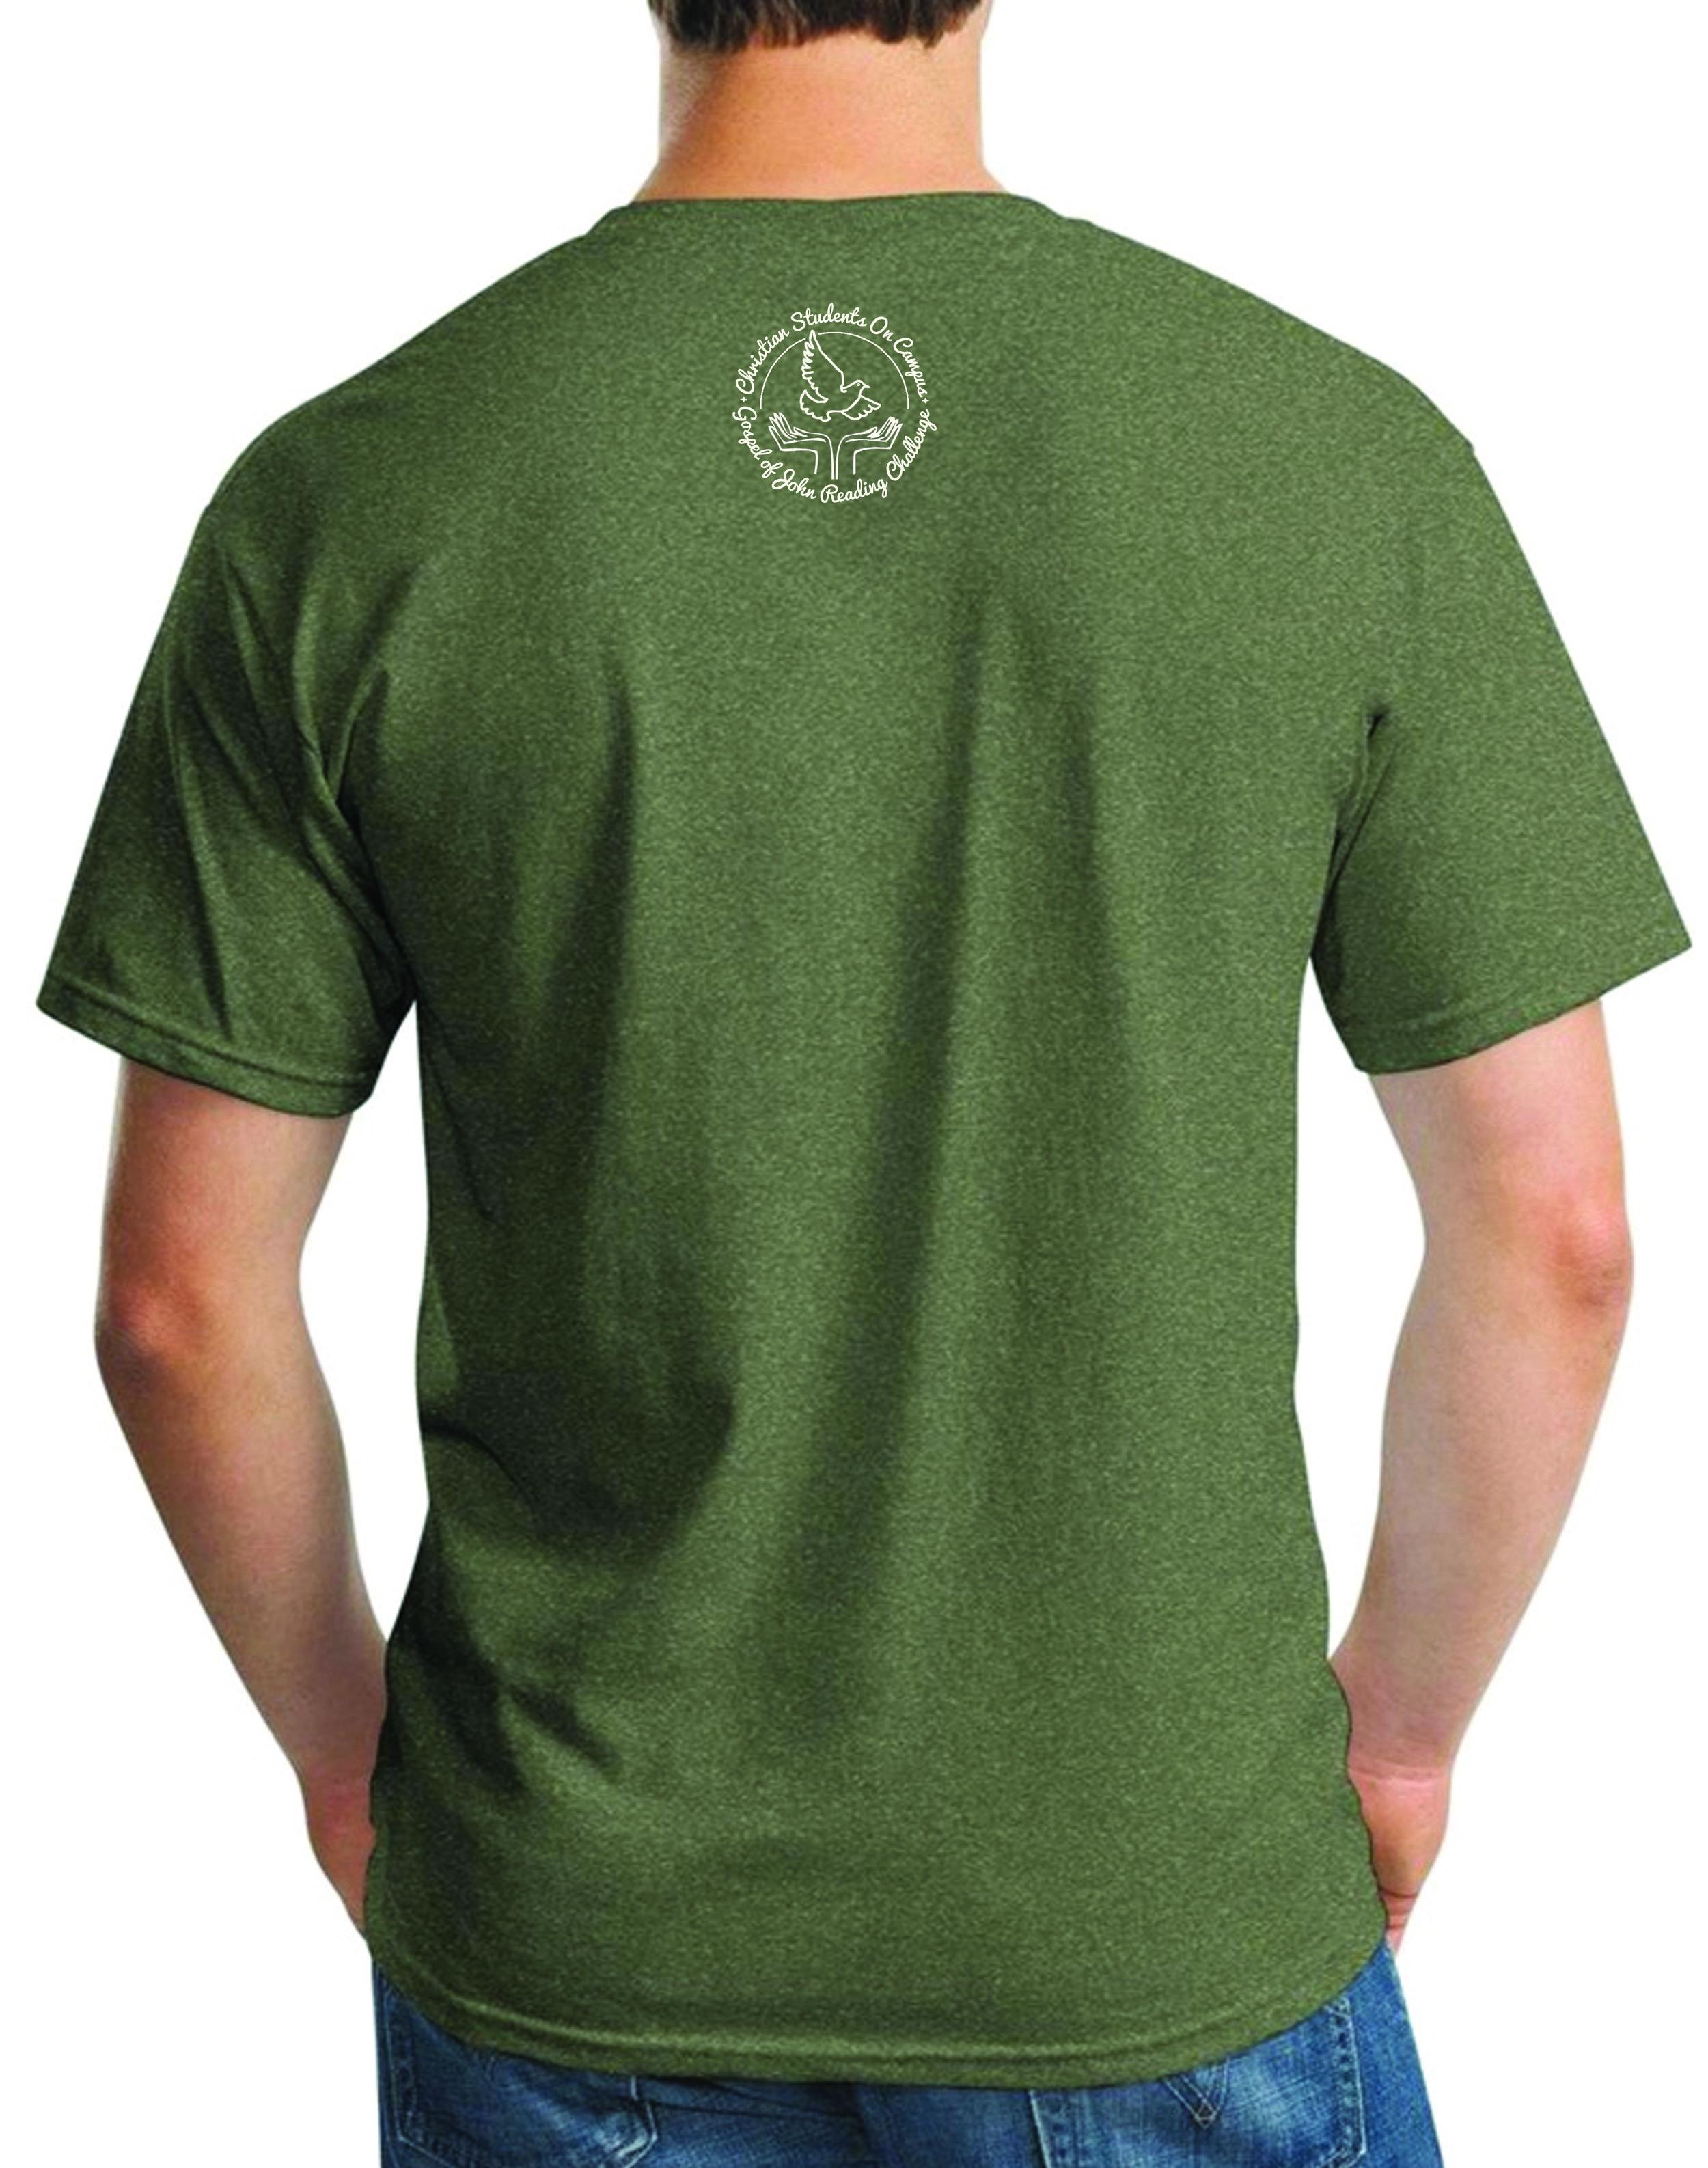 Gospel of John Reading Challenge T Shirt